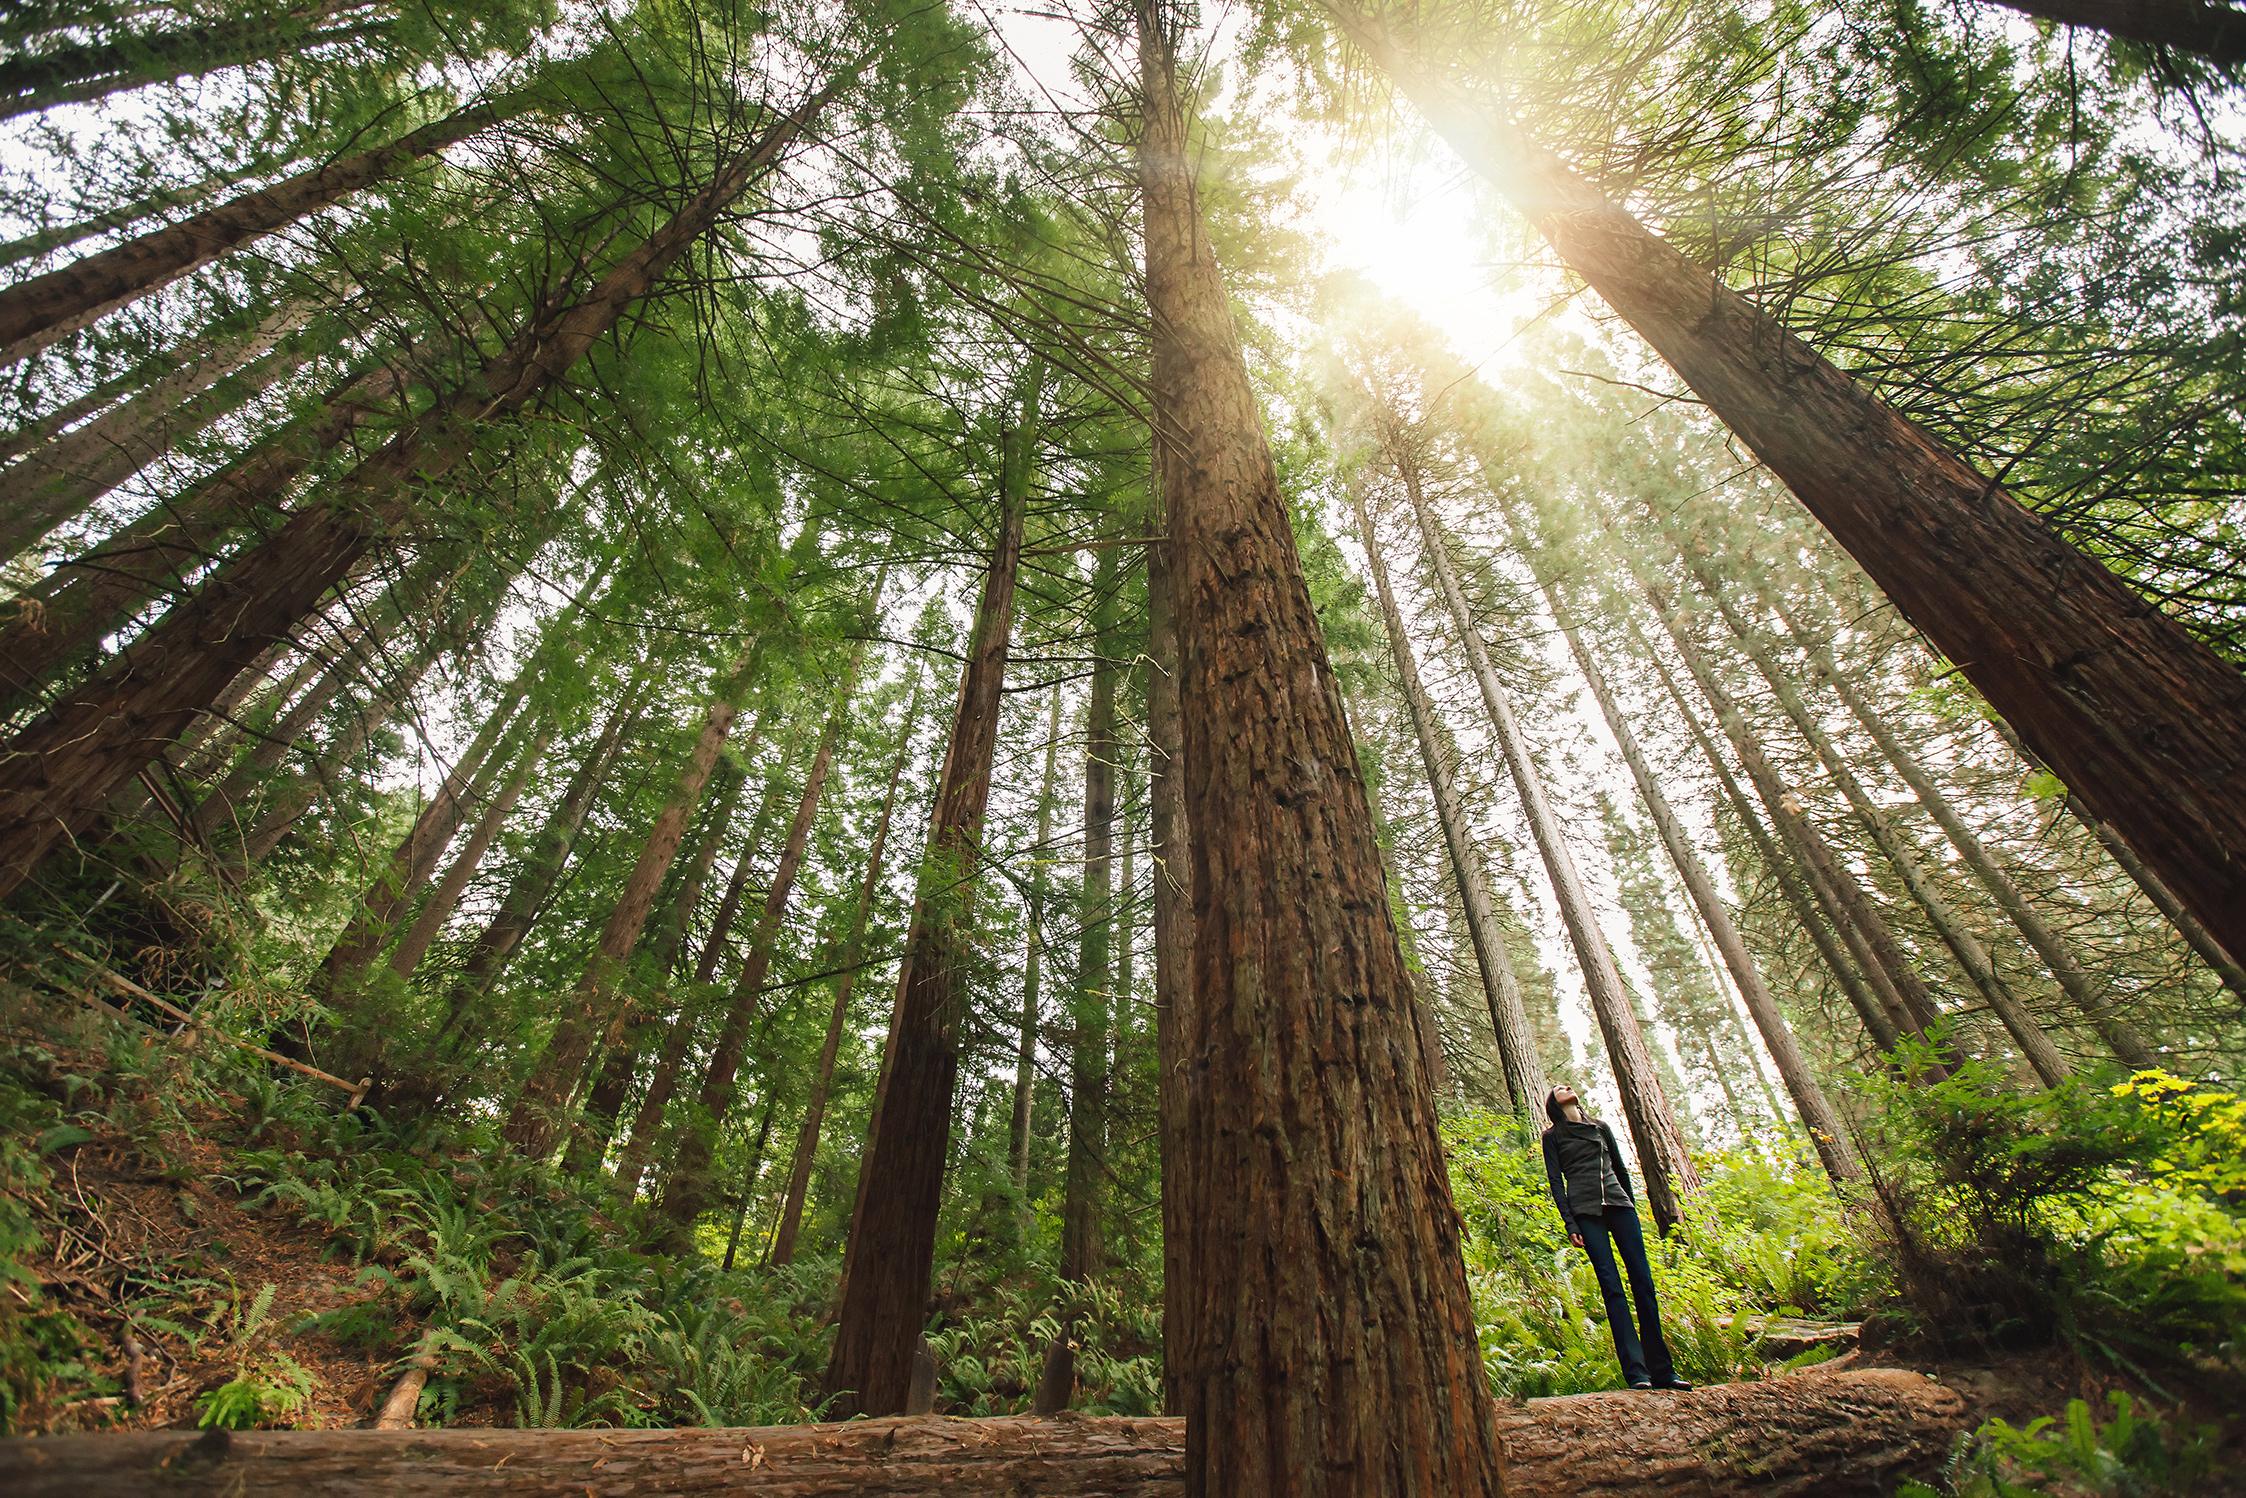 CindyGiovagnoli_Portland_Oregon_HoytArboretum_trees_Sequoia.jpg